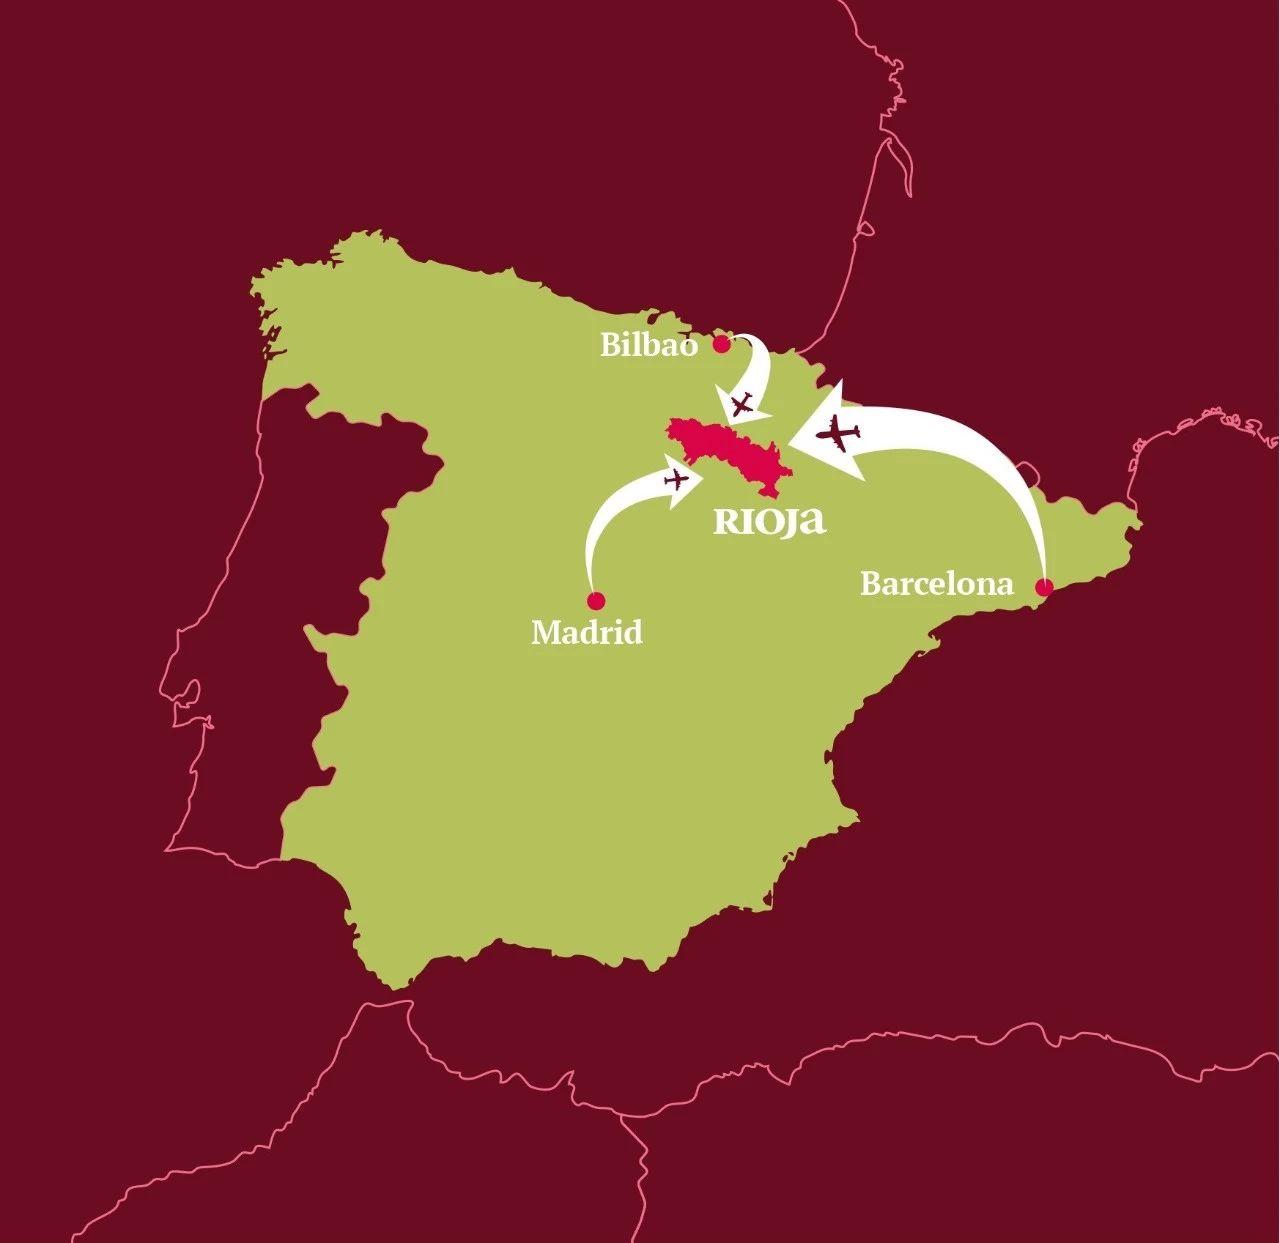 在里奥哈面前,再牛的西班牙产区也得叫声老大_中欧新闻_欧洲中文网